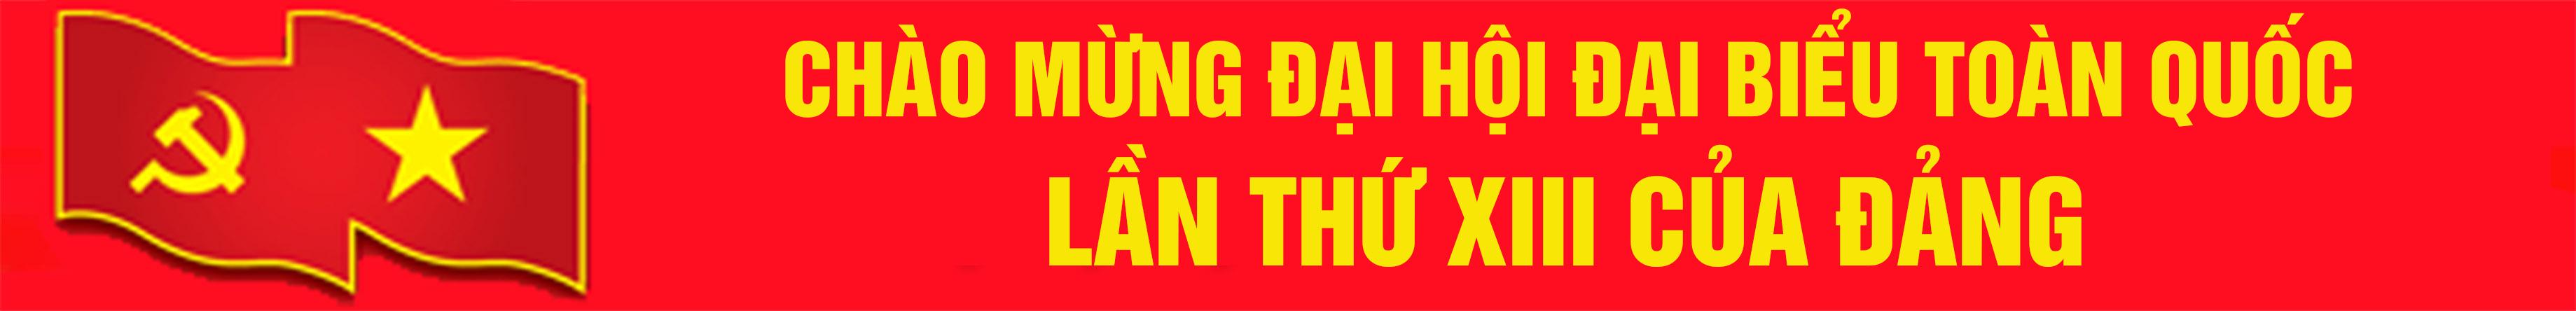 chao-mung-dai-hoi-dang